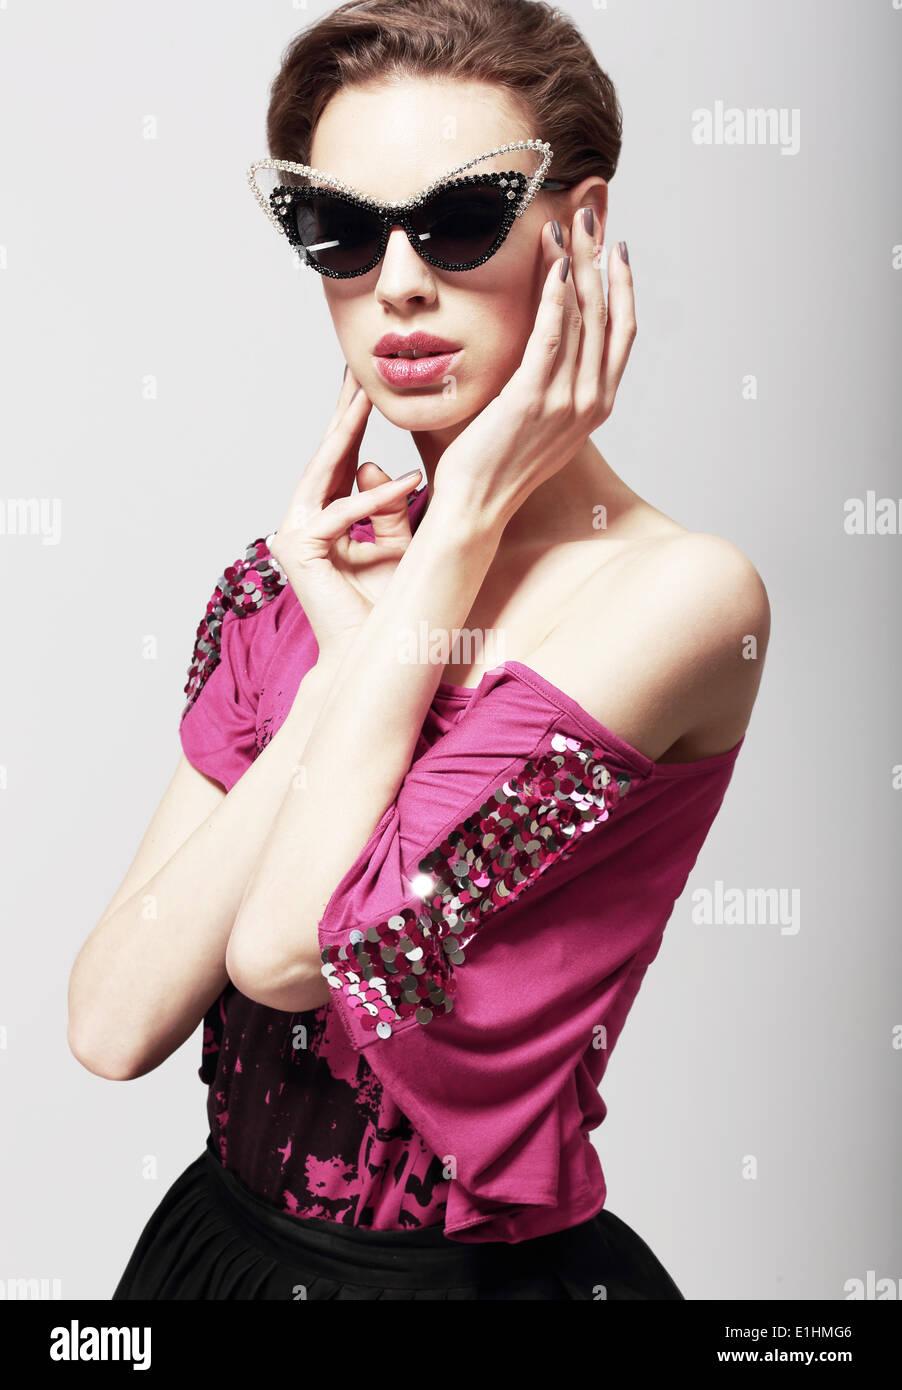 High-Fashion. Glamouröse, elegante Frau im dunklen Sonnenbrille. Magnetismus Stockbild